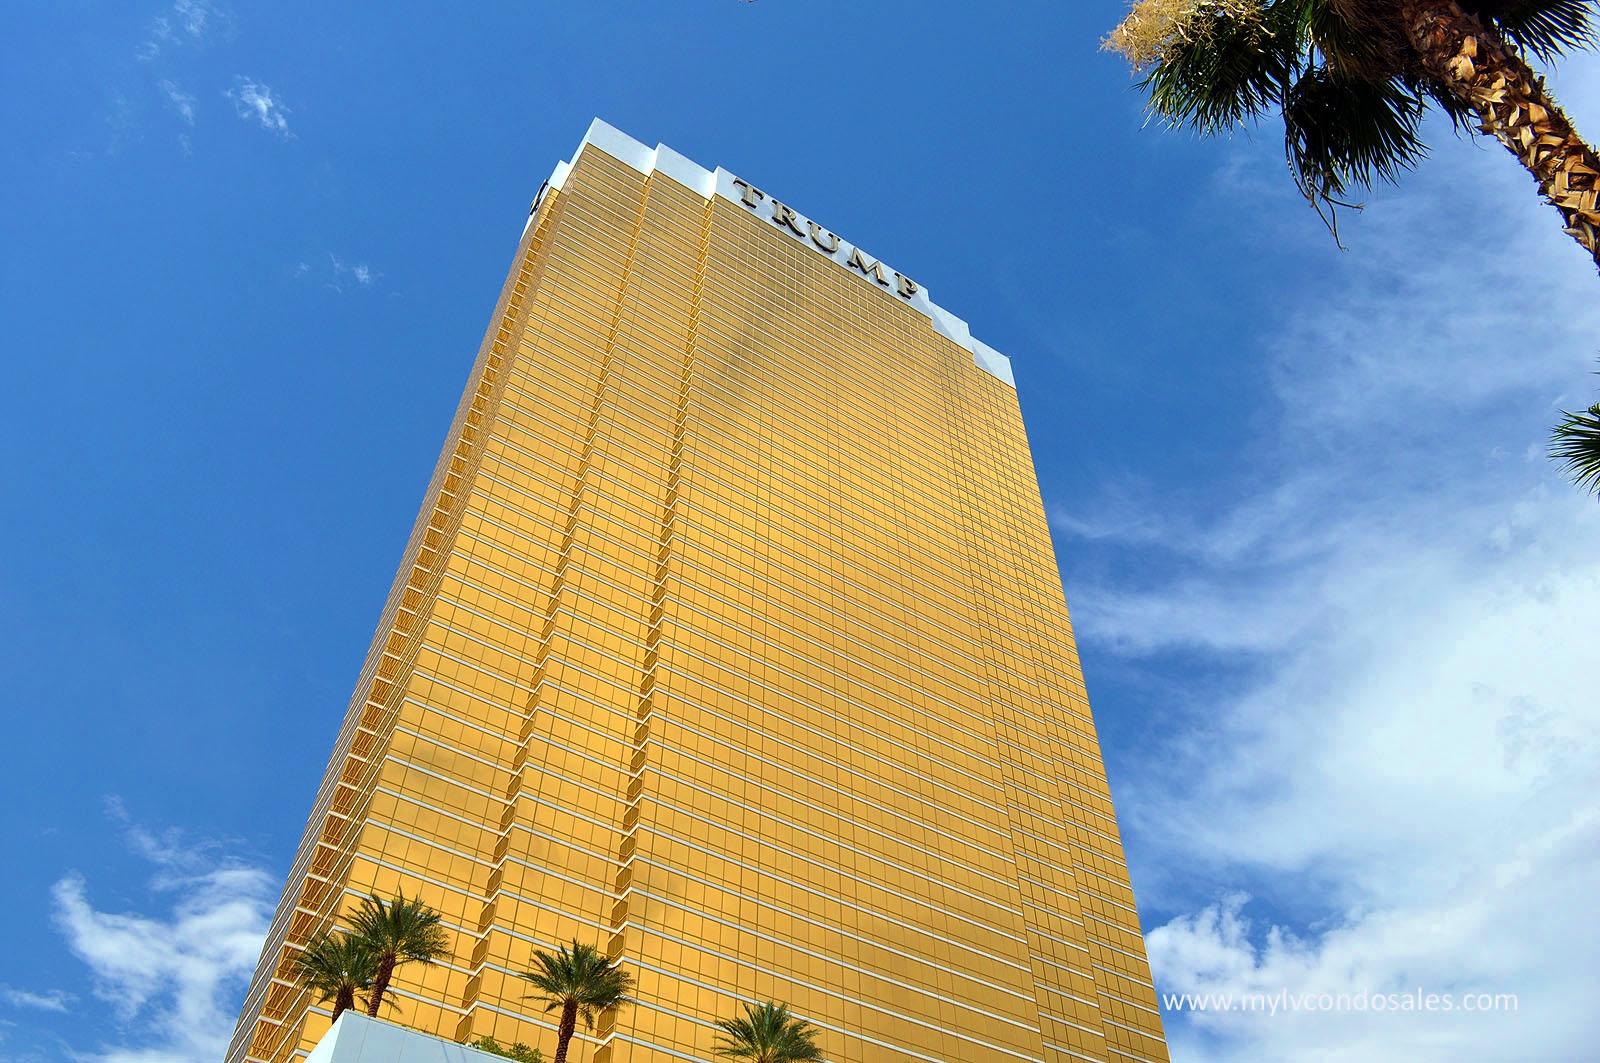 Las Vegas Trump Tower